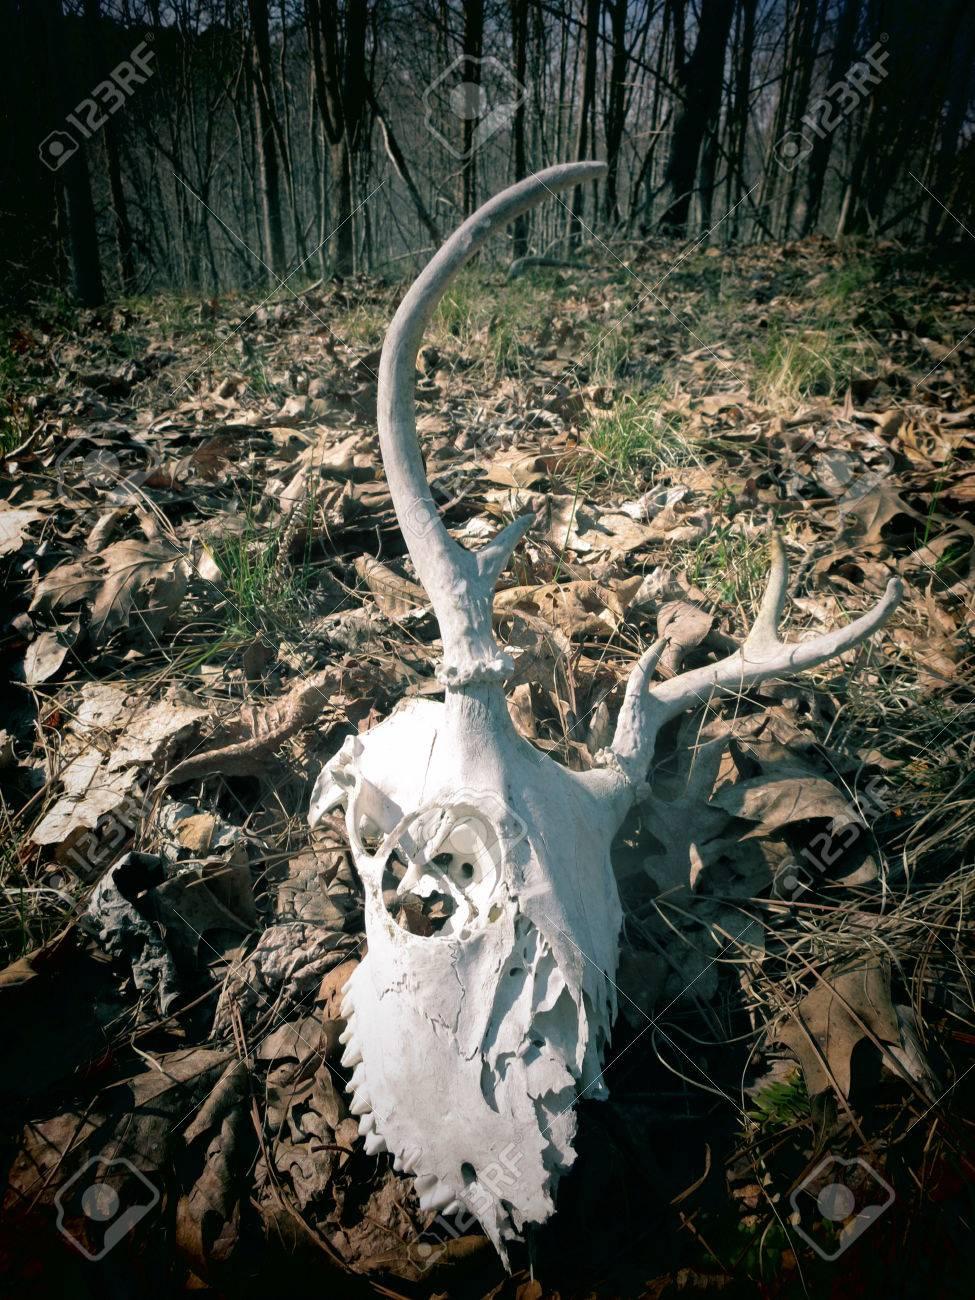 Una Vista Filtrada De Un Cráneo De Venado Esqueleto Sobre Un Suelo ...